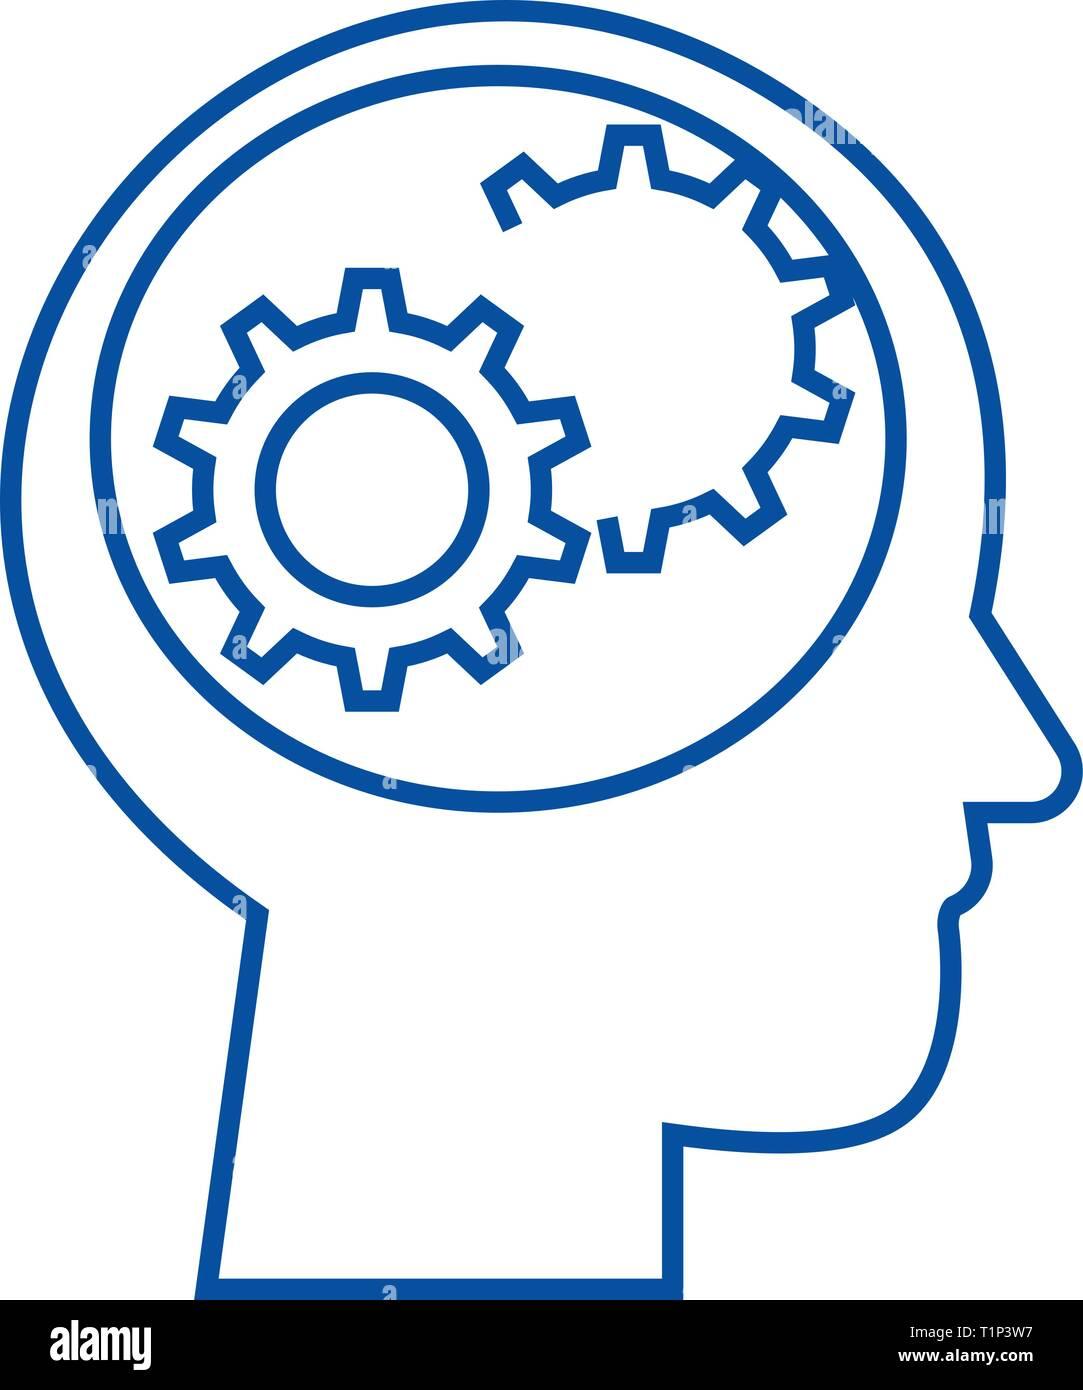 Cabeza humana con engranajes line icono concepto. Cabeza humana con marchas vector plana símbolo, signo, esbozo de la ilustración. Imagen De Stock